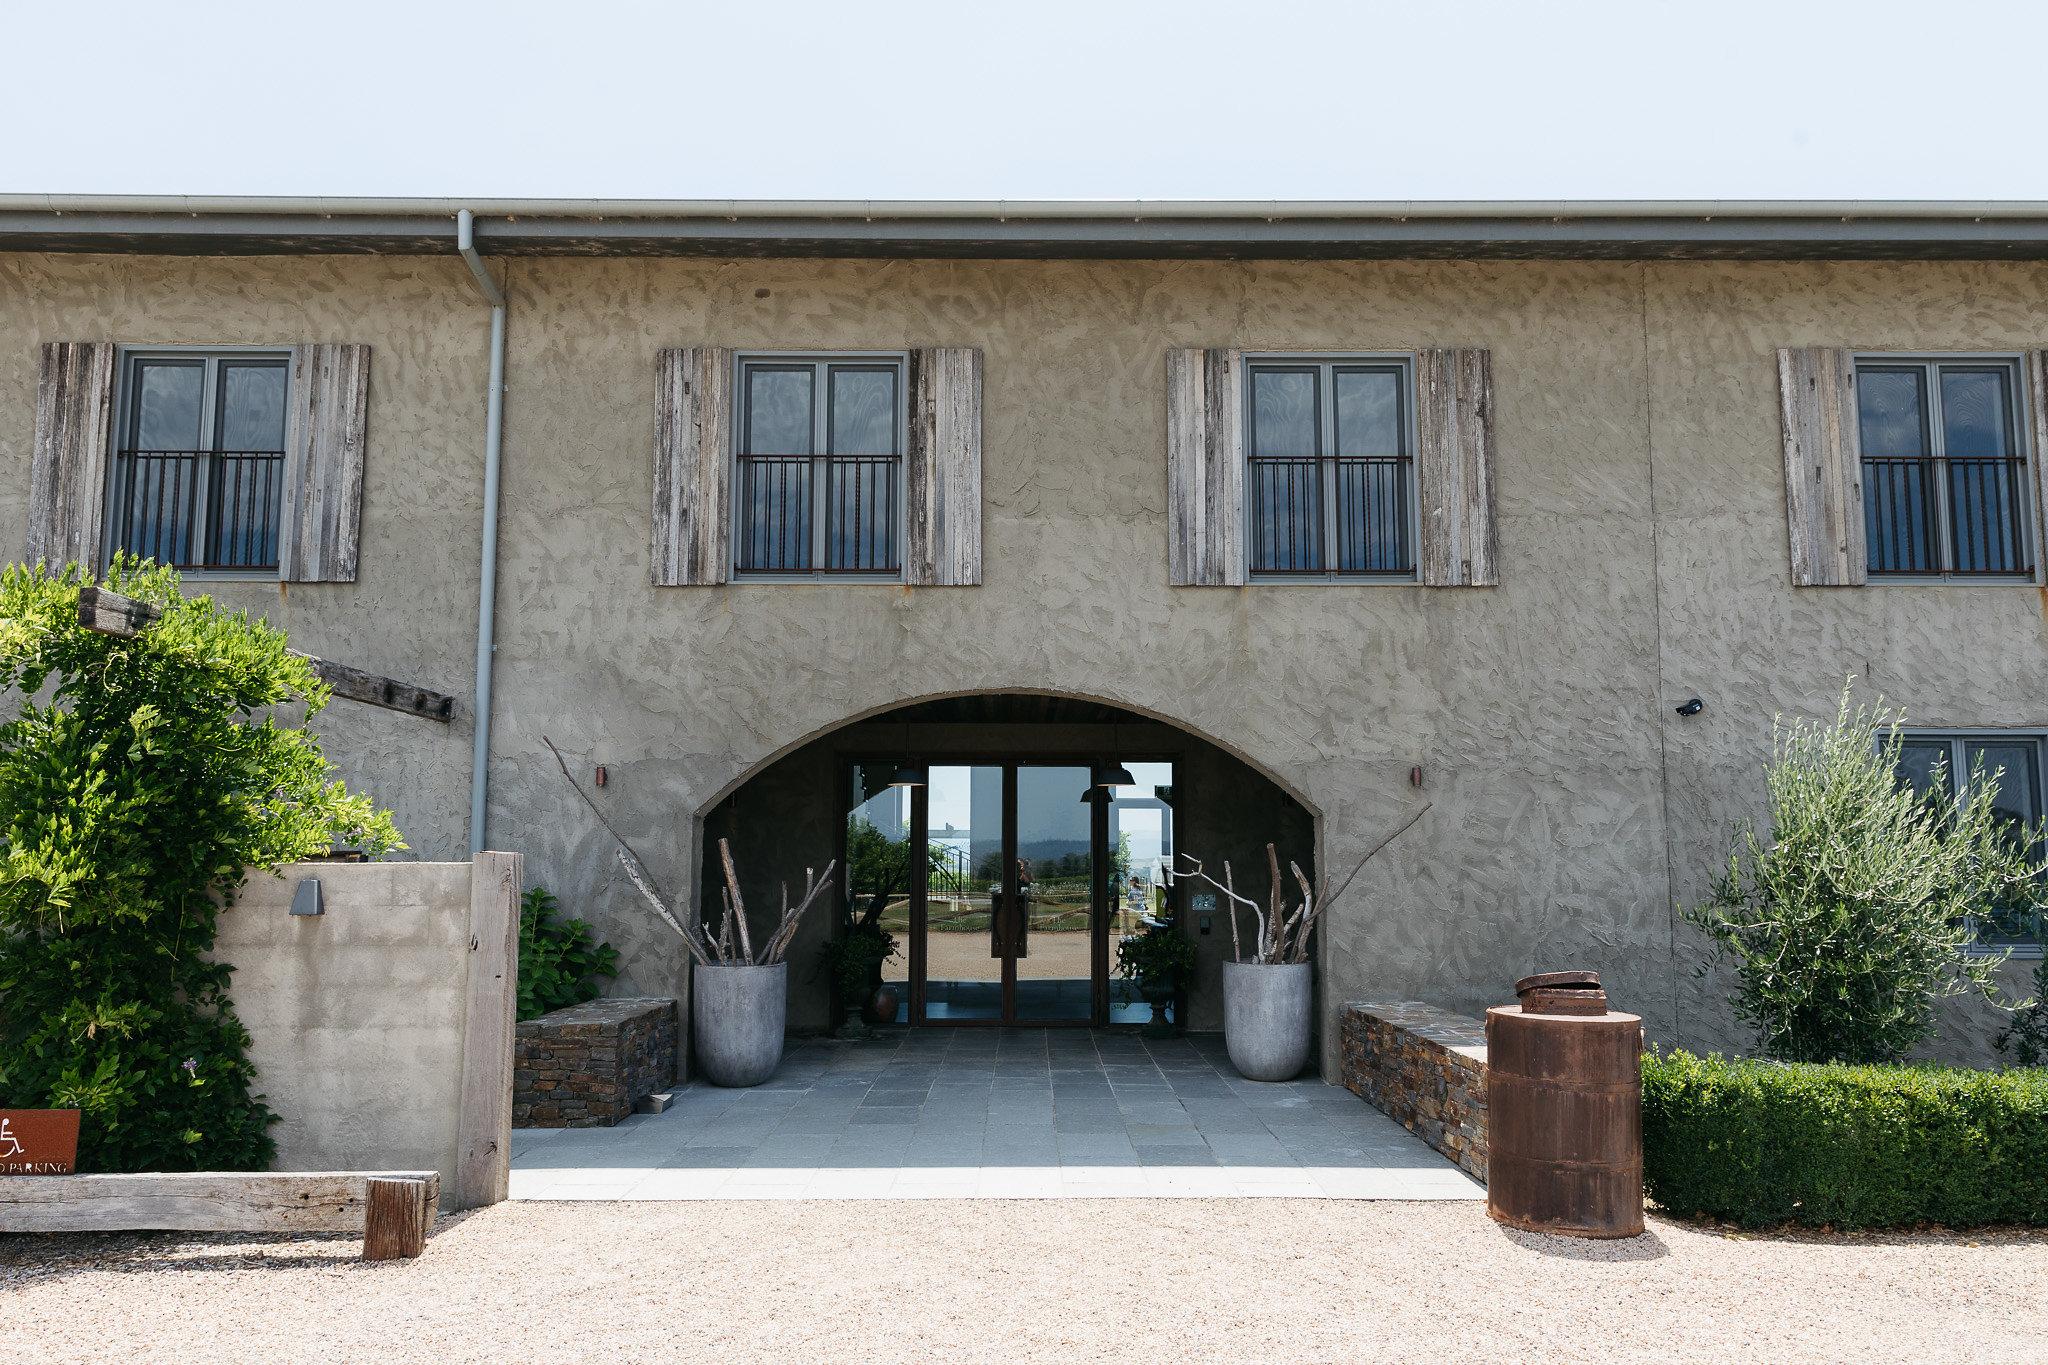 The Farmhouse Entrance_Rick Liston.jpg